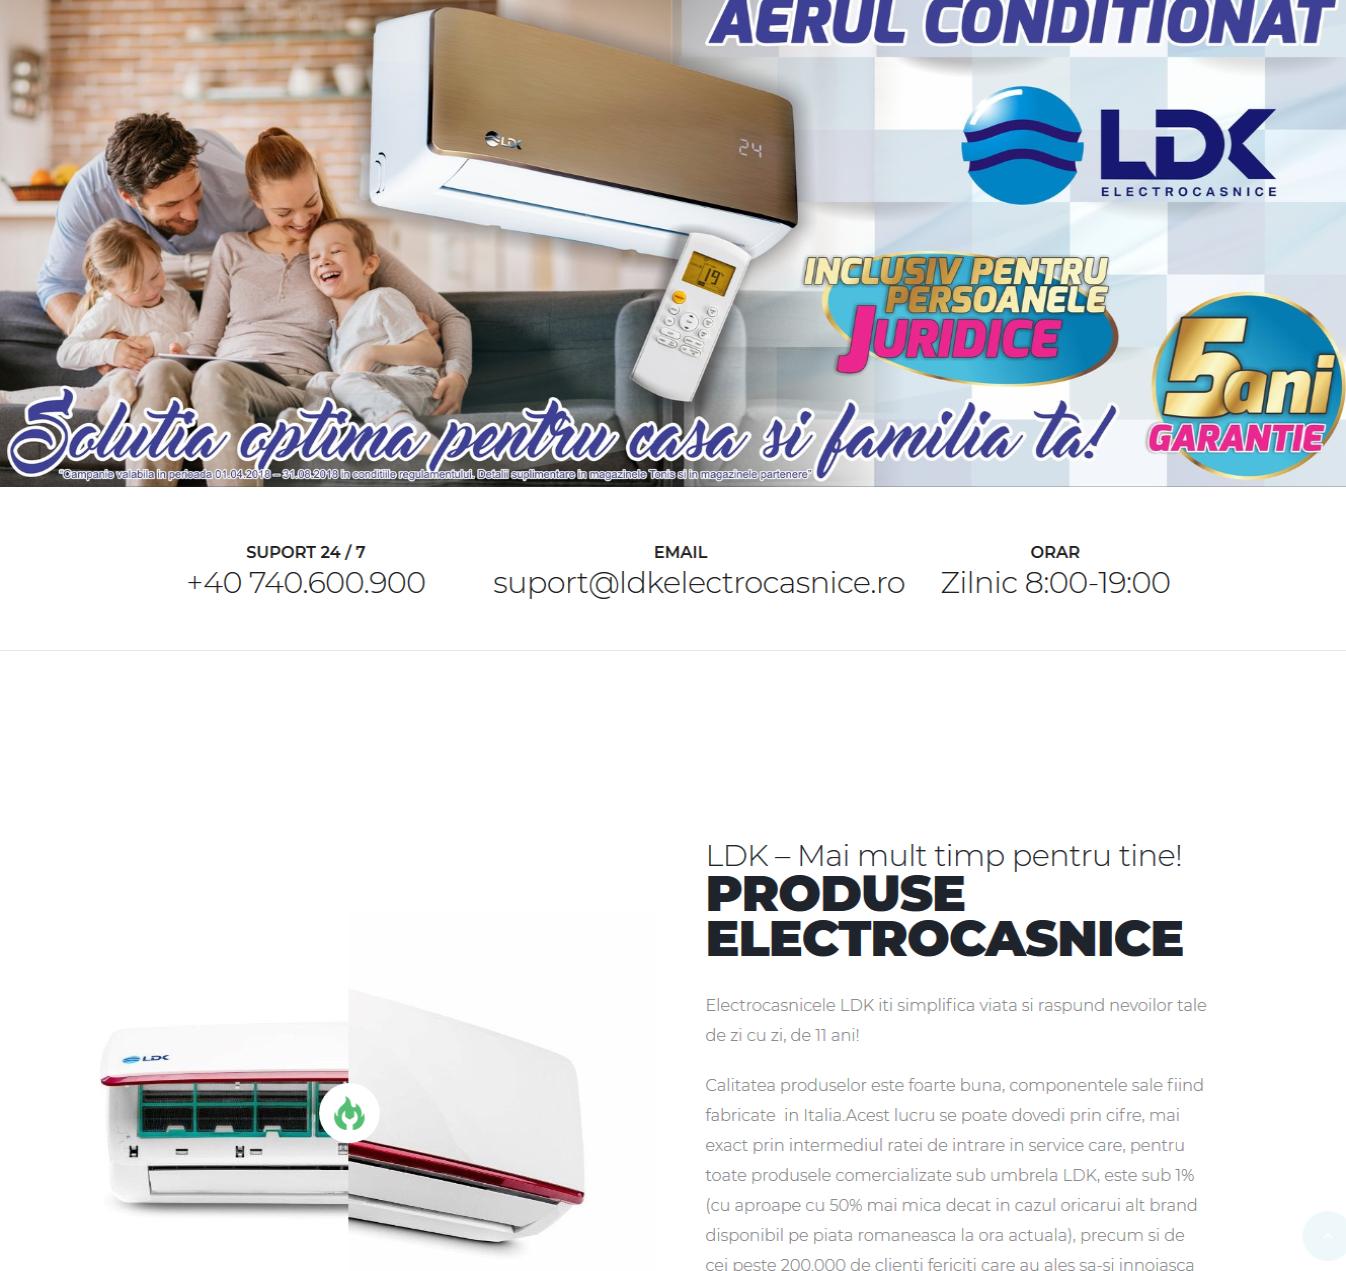 Creare site electrocasnice